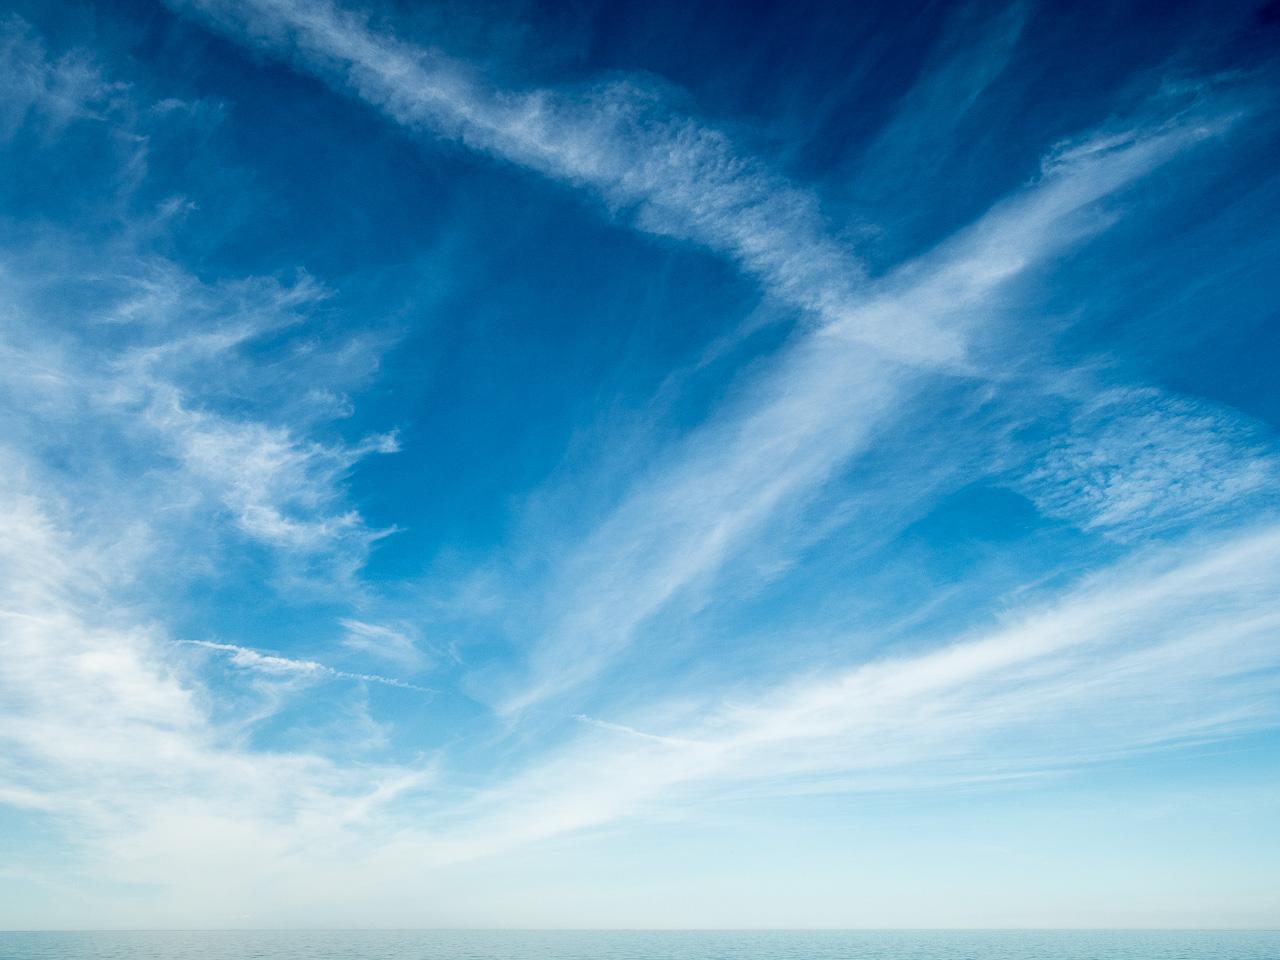 Viel Himmel mit Wolken und wenig Meer